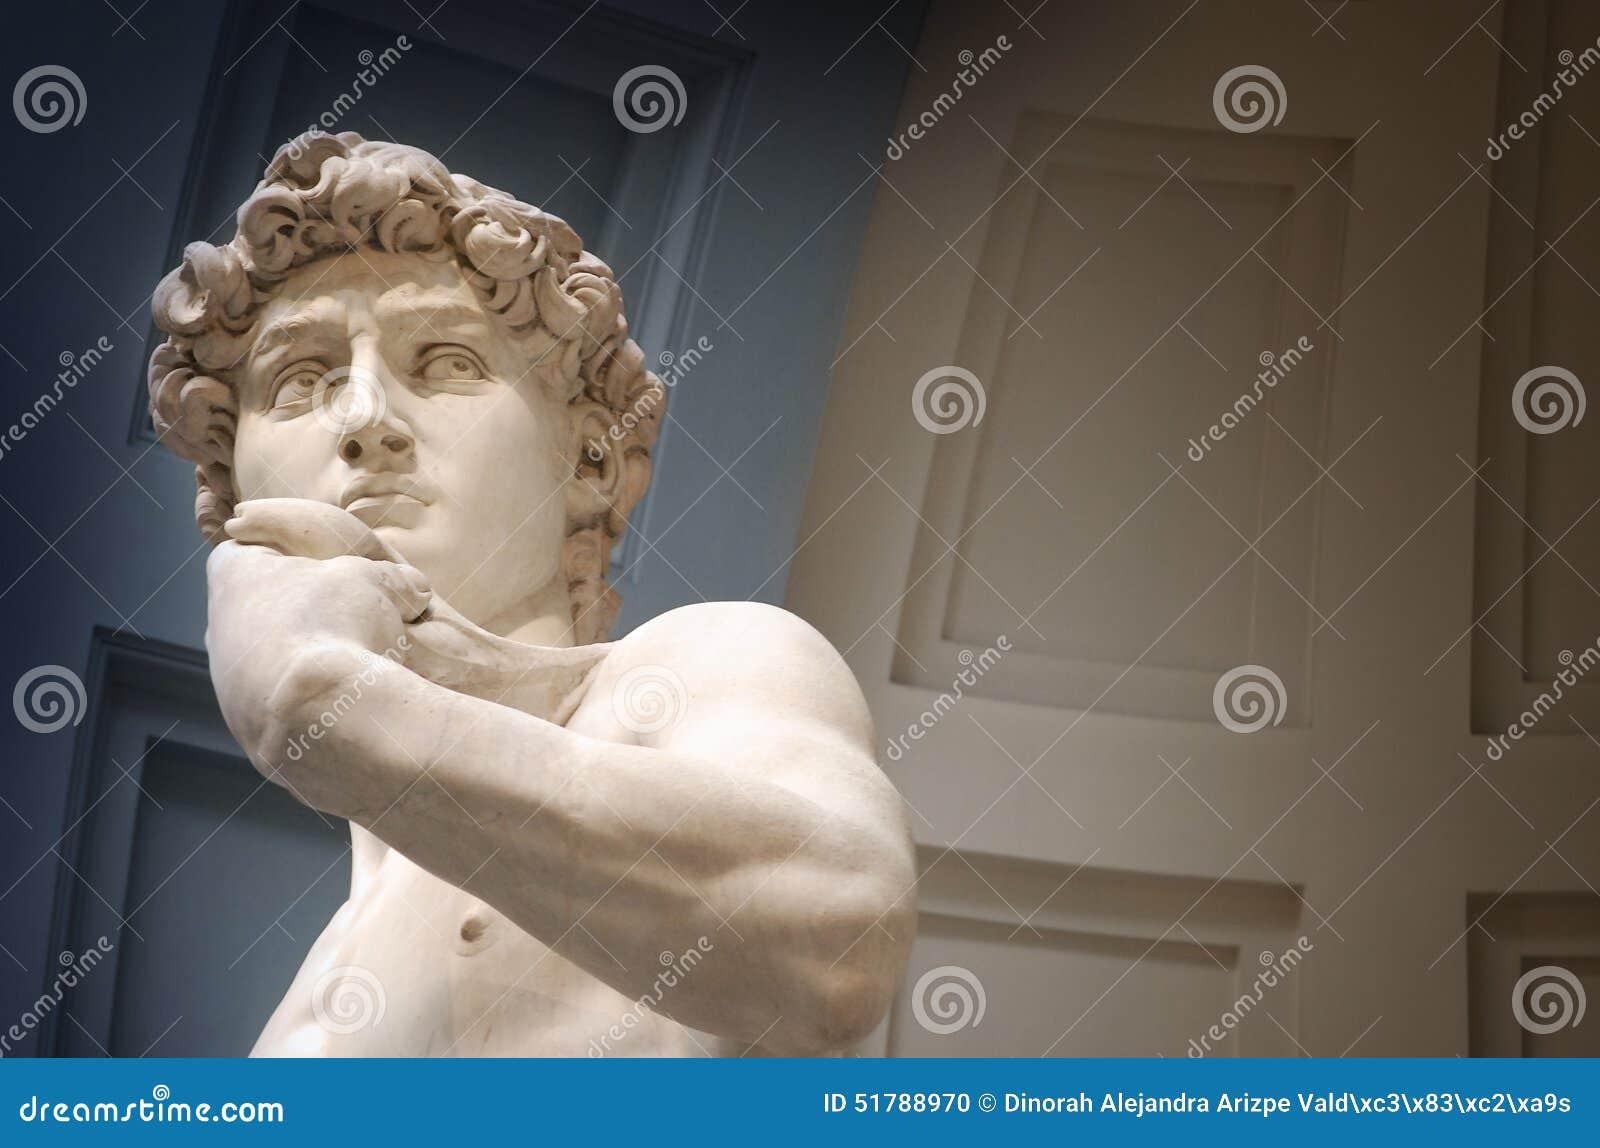 David sculpture bust